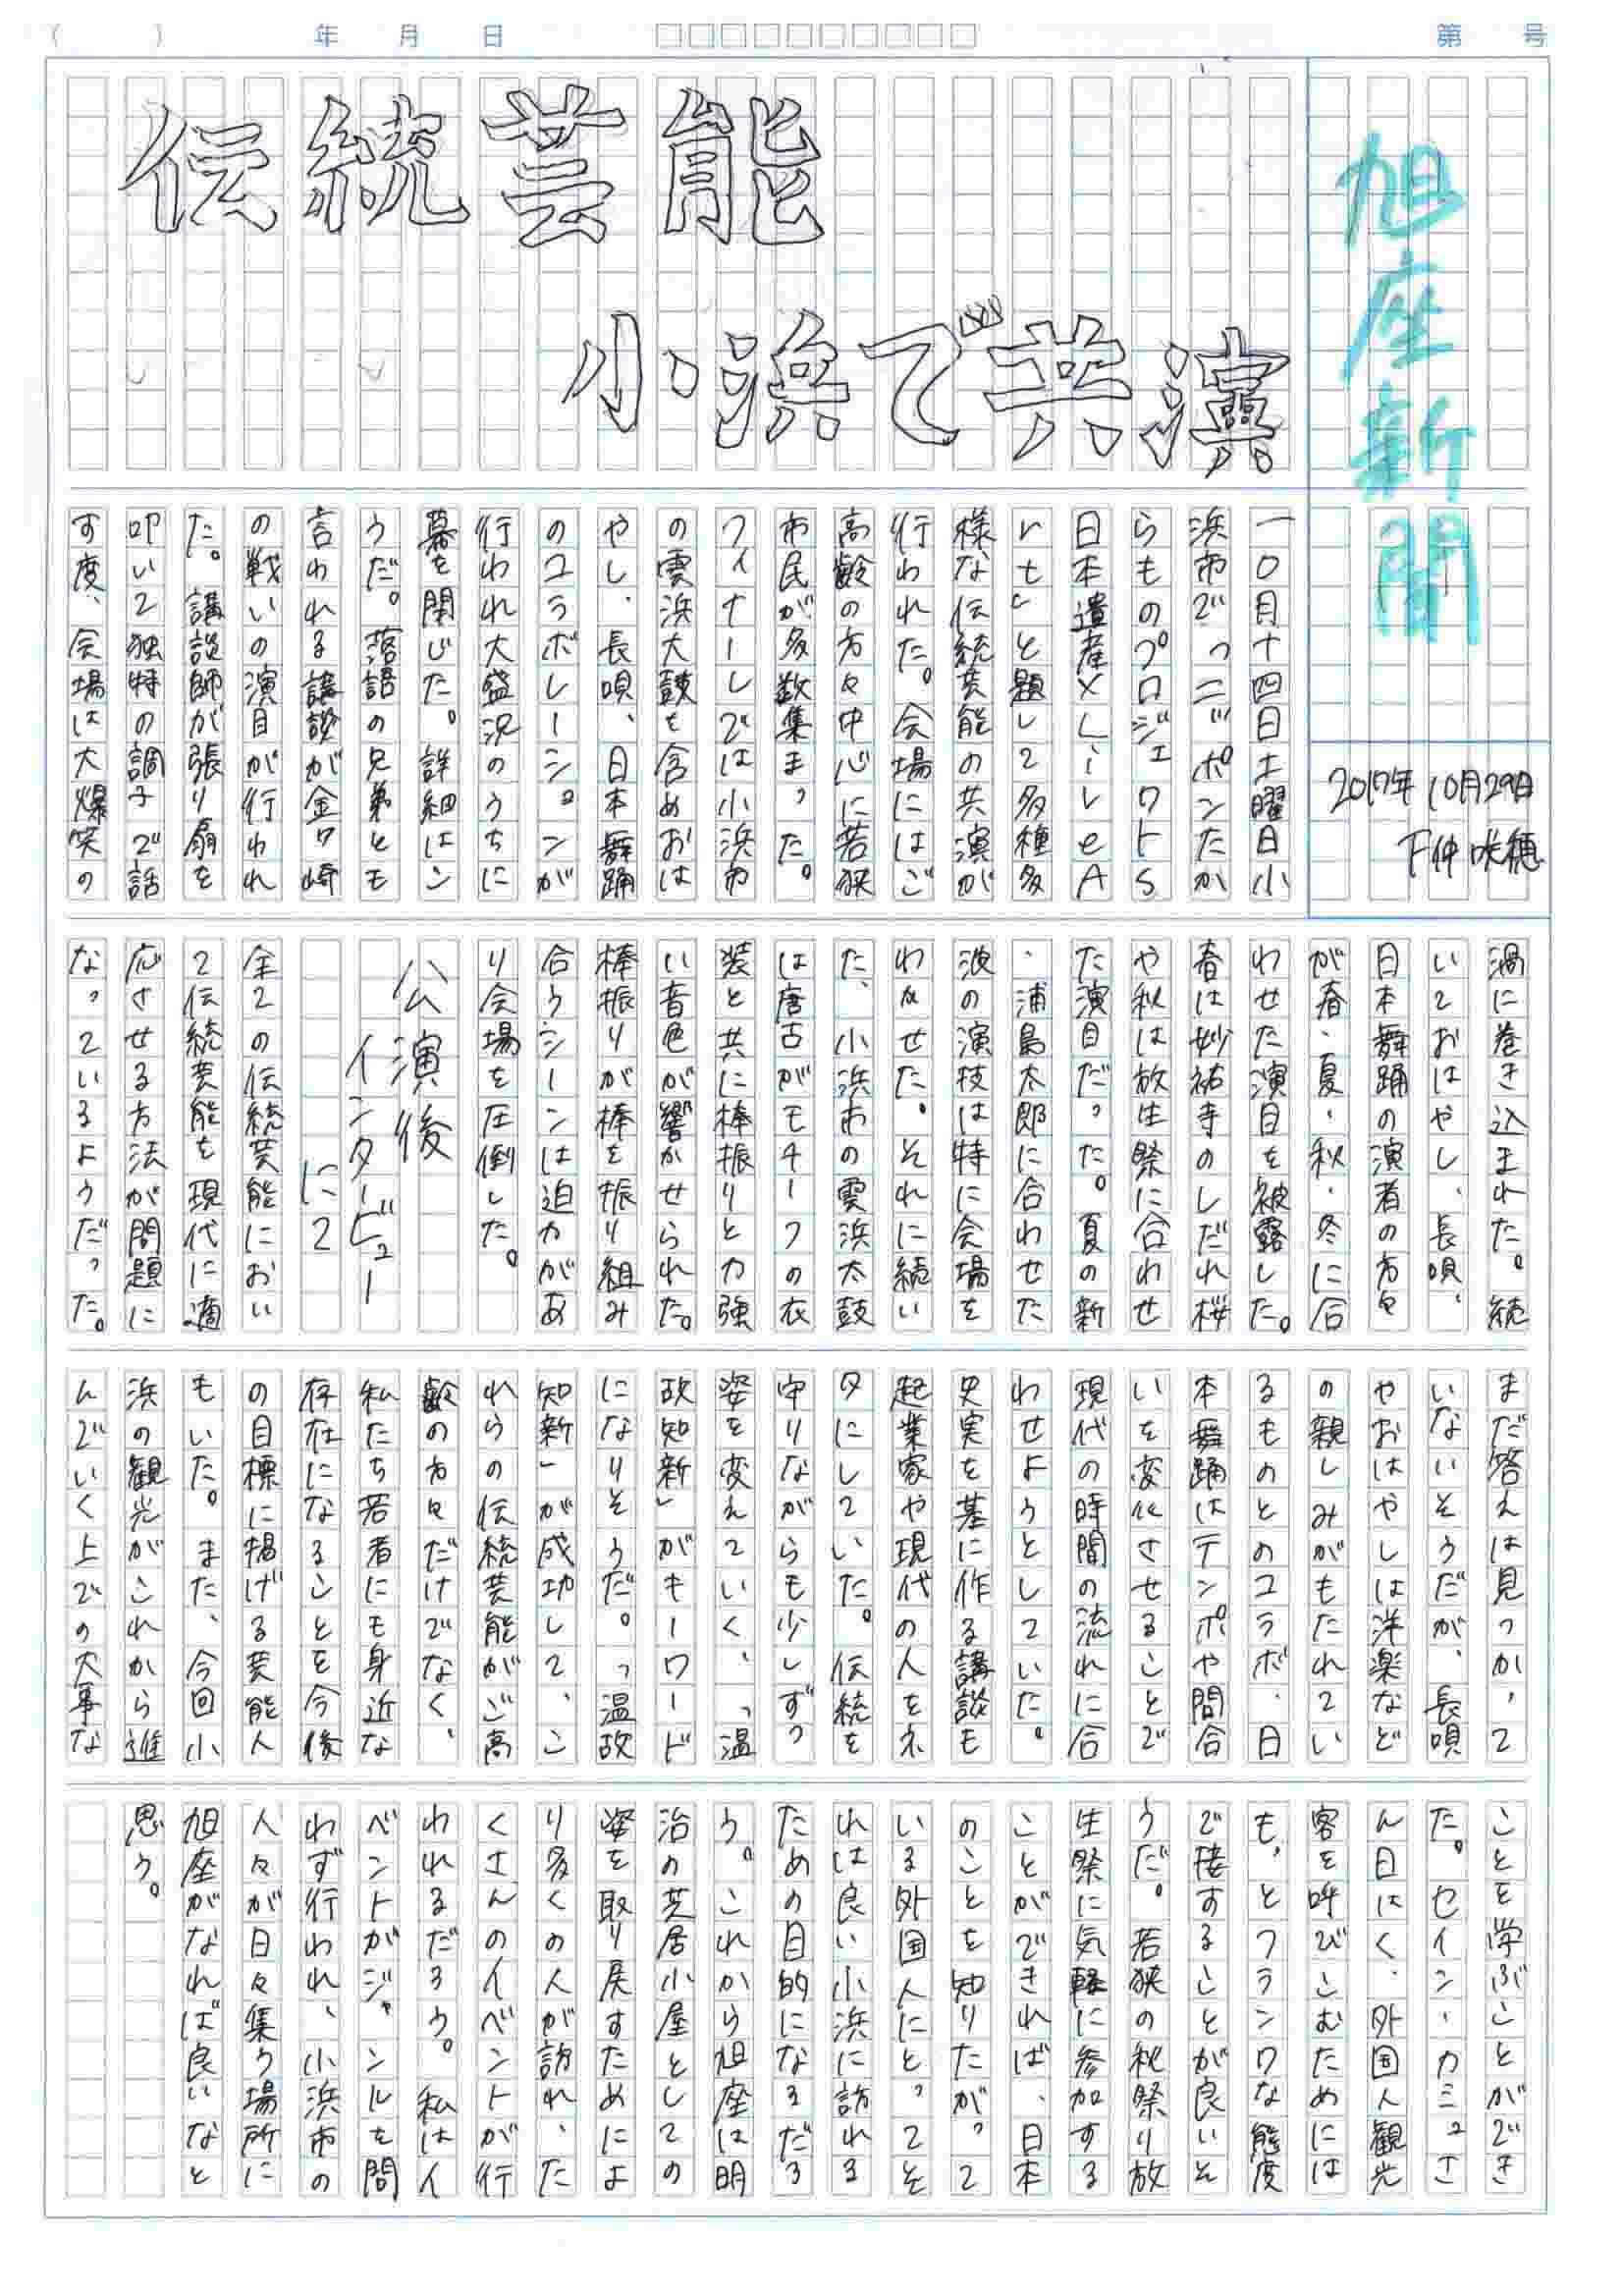 http://bunp.47news.jp/event/images/miniasahizanp1710.jpg